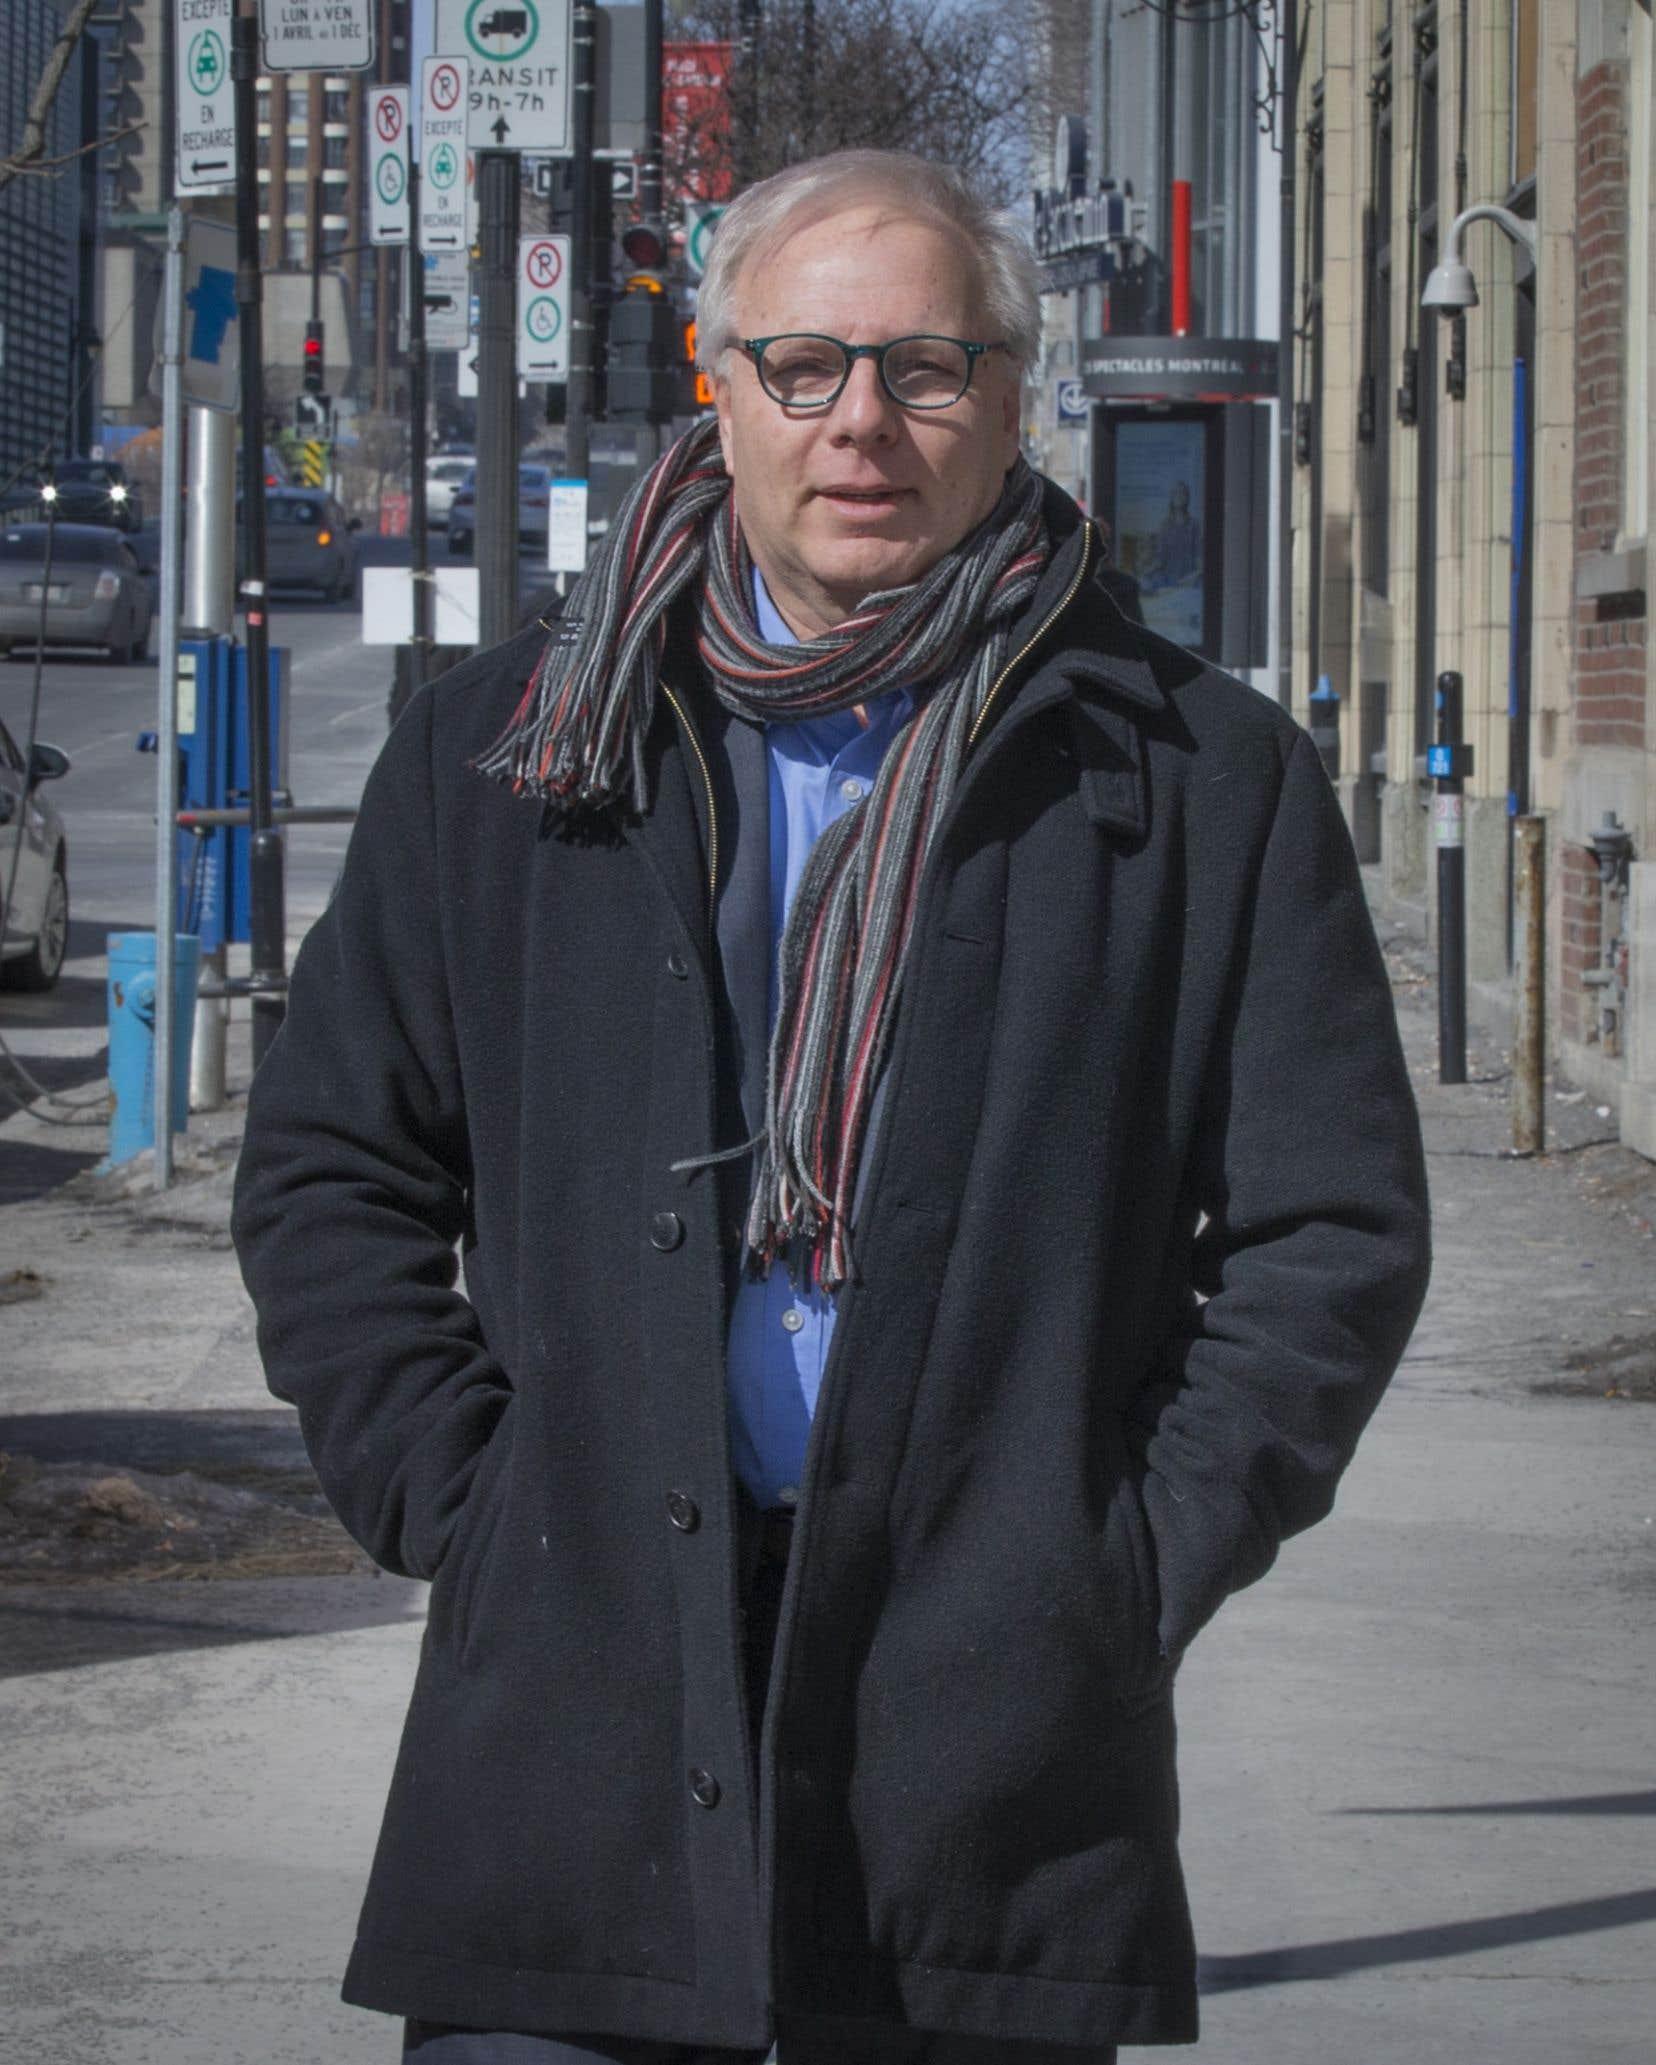 Jean-François Lisée